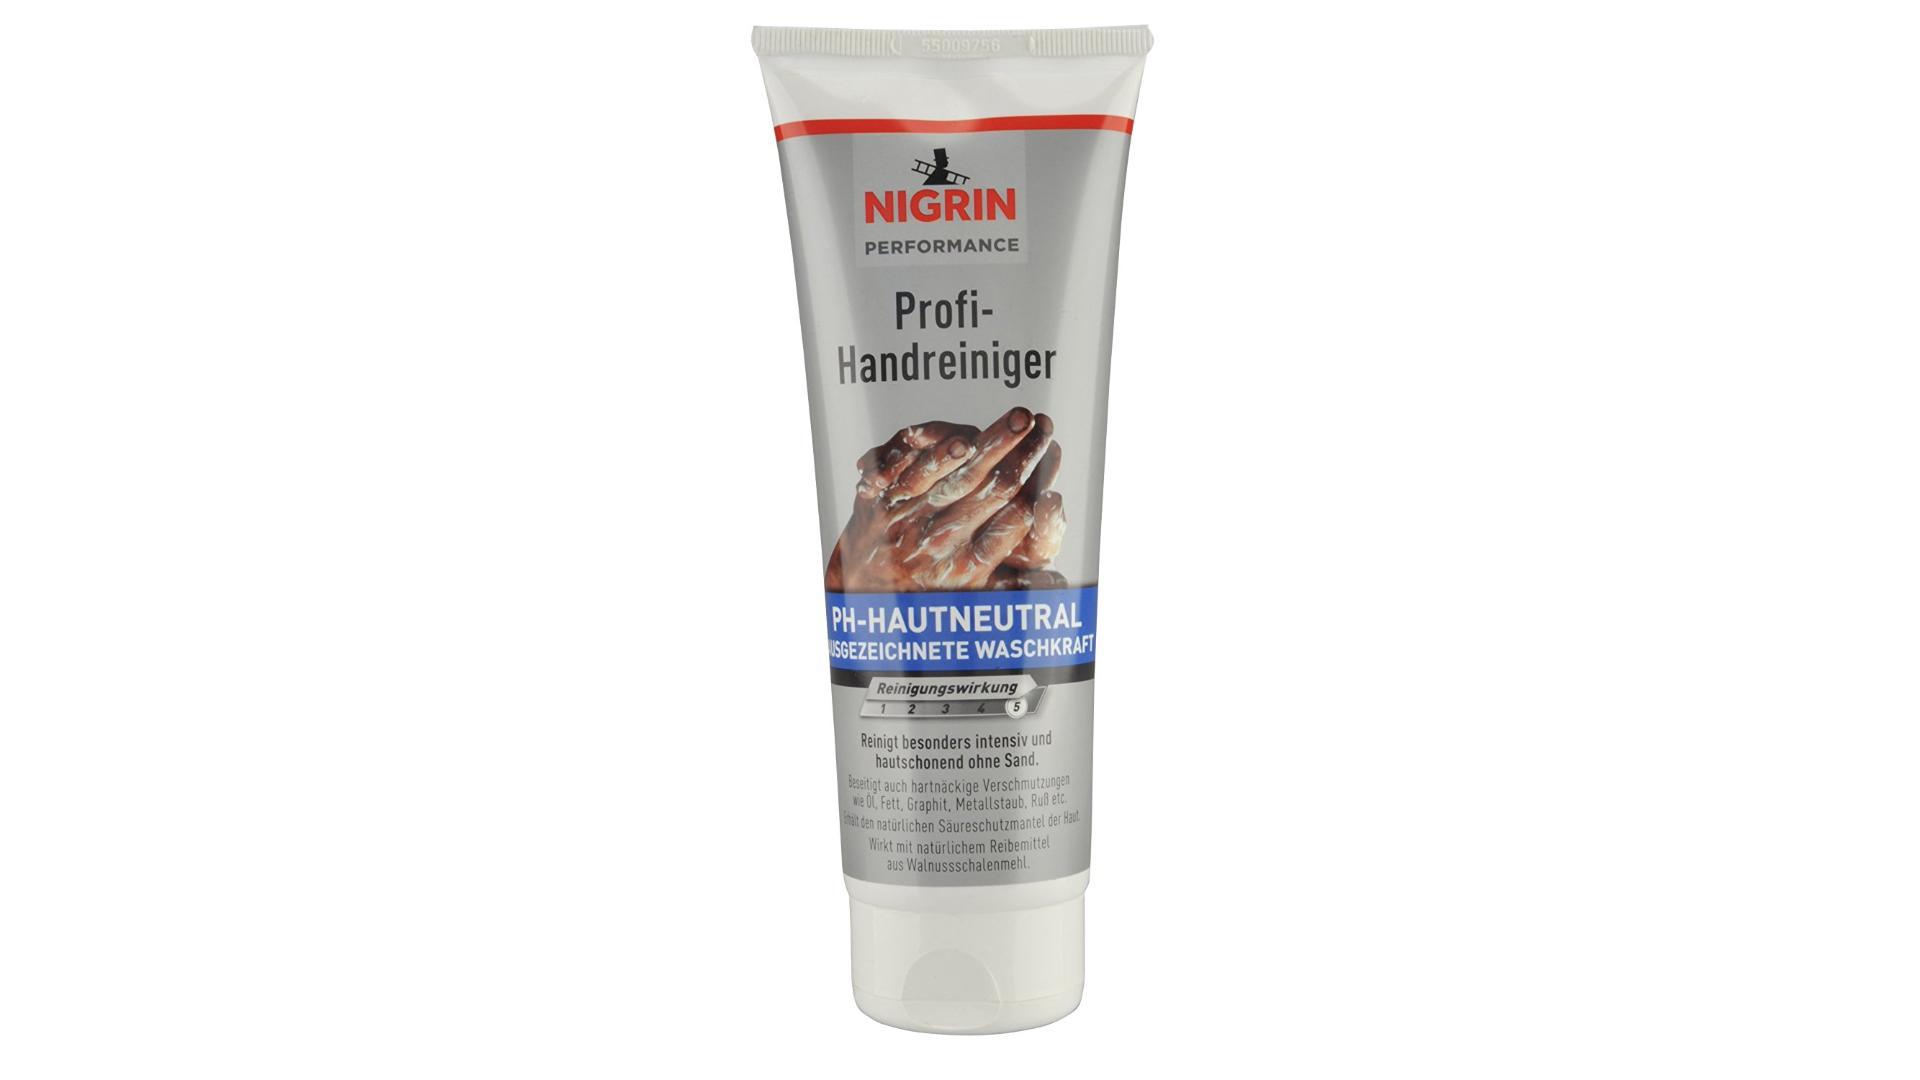 NIGRIN Profesionálny prípravok na umývanie rúk 250ml